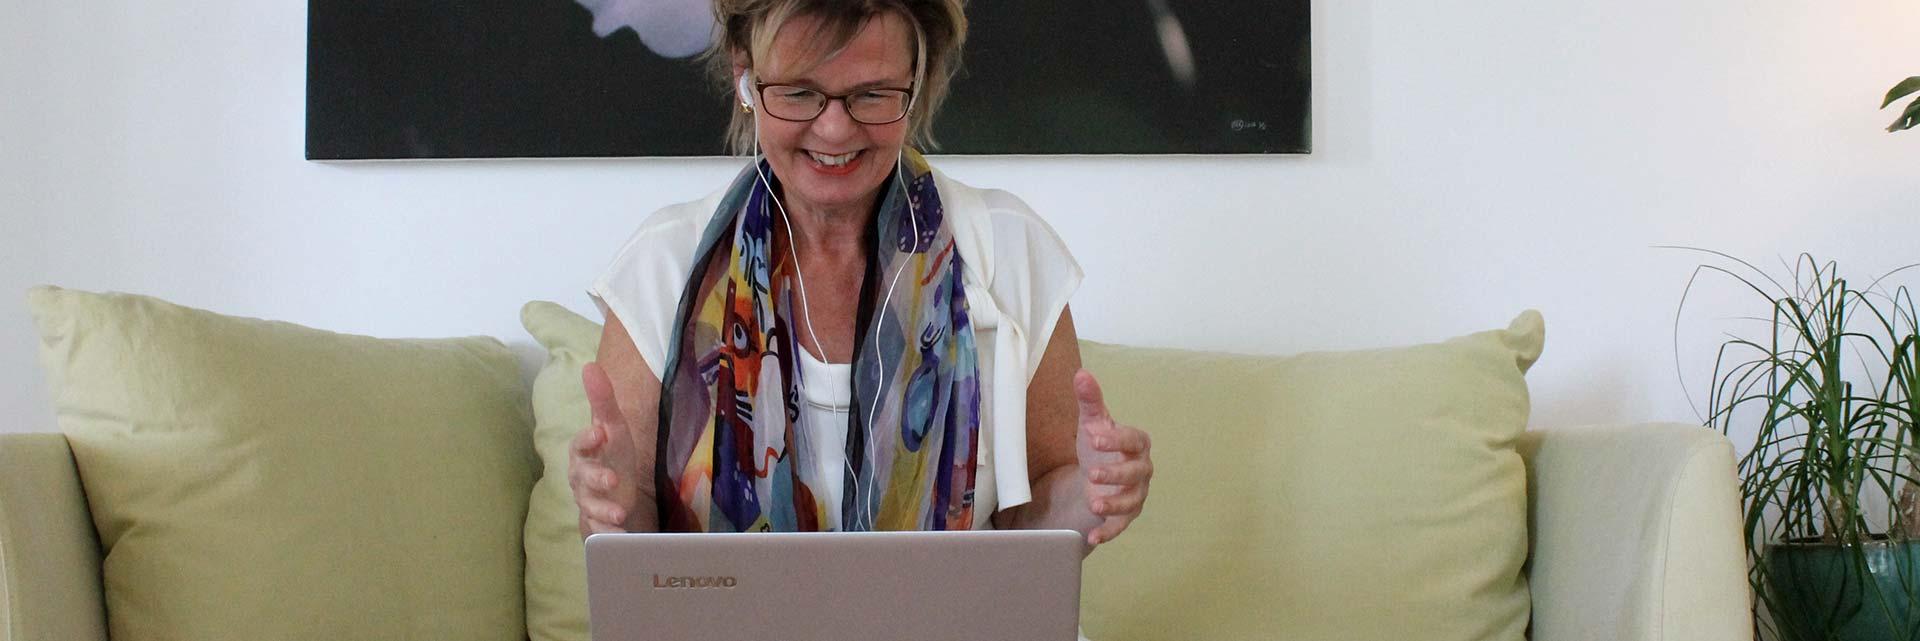 Digital coach på distans, online med dator, säljcoach ledarcoach sittande glad kvinna med fototavla bakom